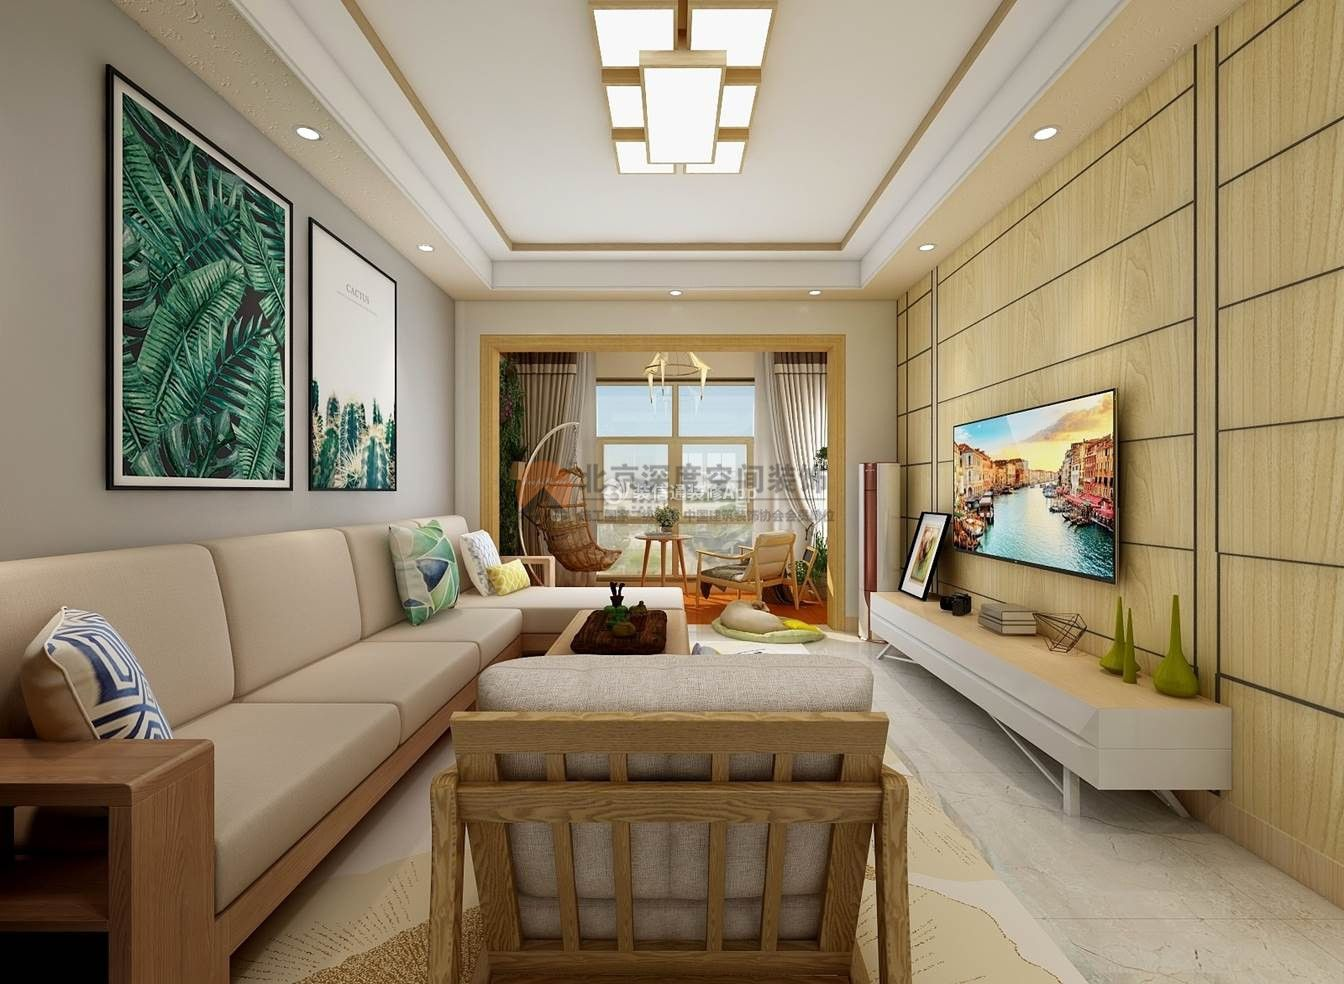 现代简约风格客厅家具图片 客厅沙发背景墙装修 客厅沙发背景墙装饰